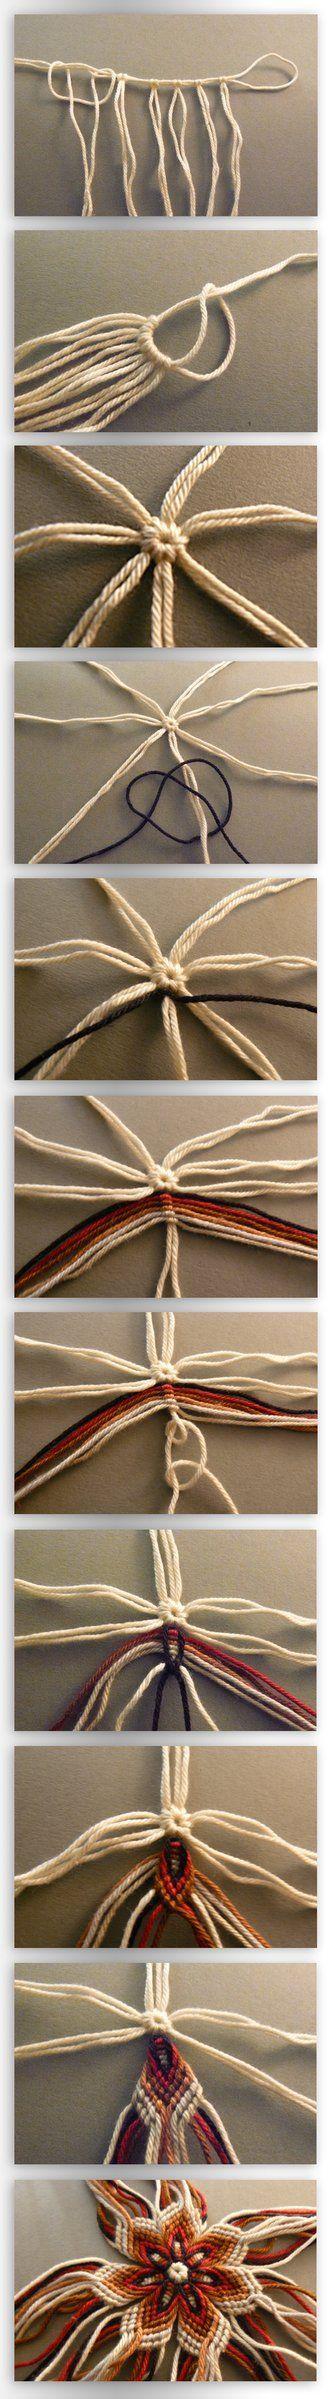 395 best Crochet images on Pinterest | Häkelideen, Häkeln und ...